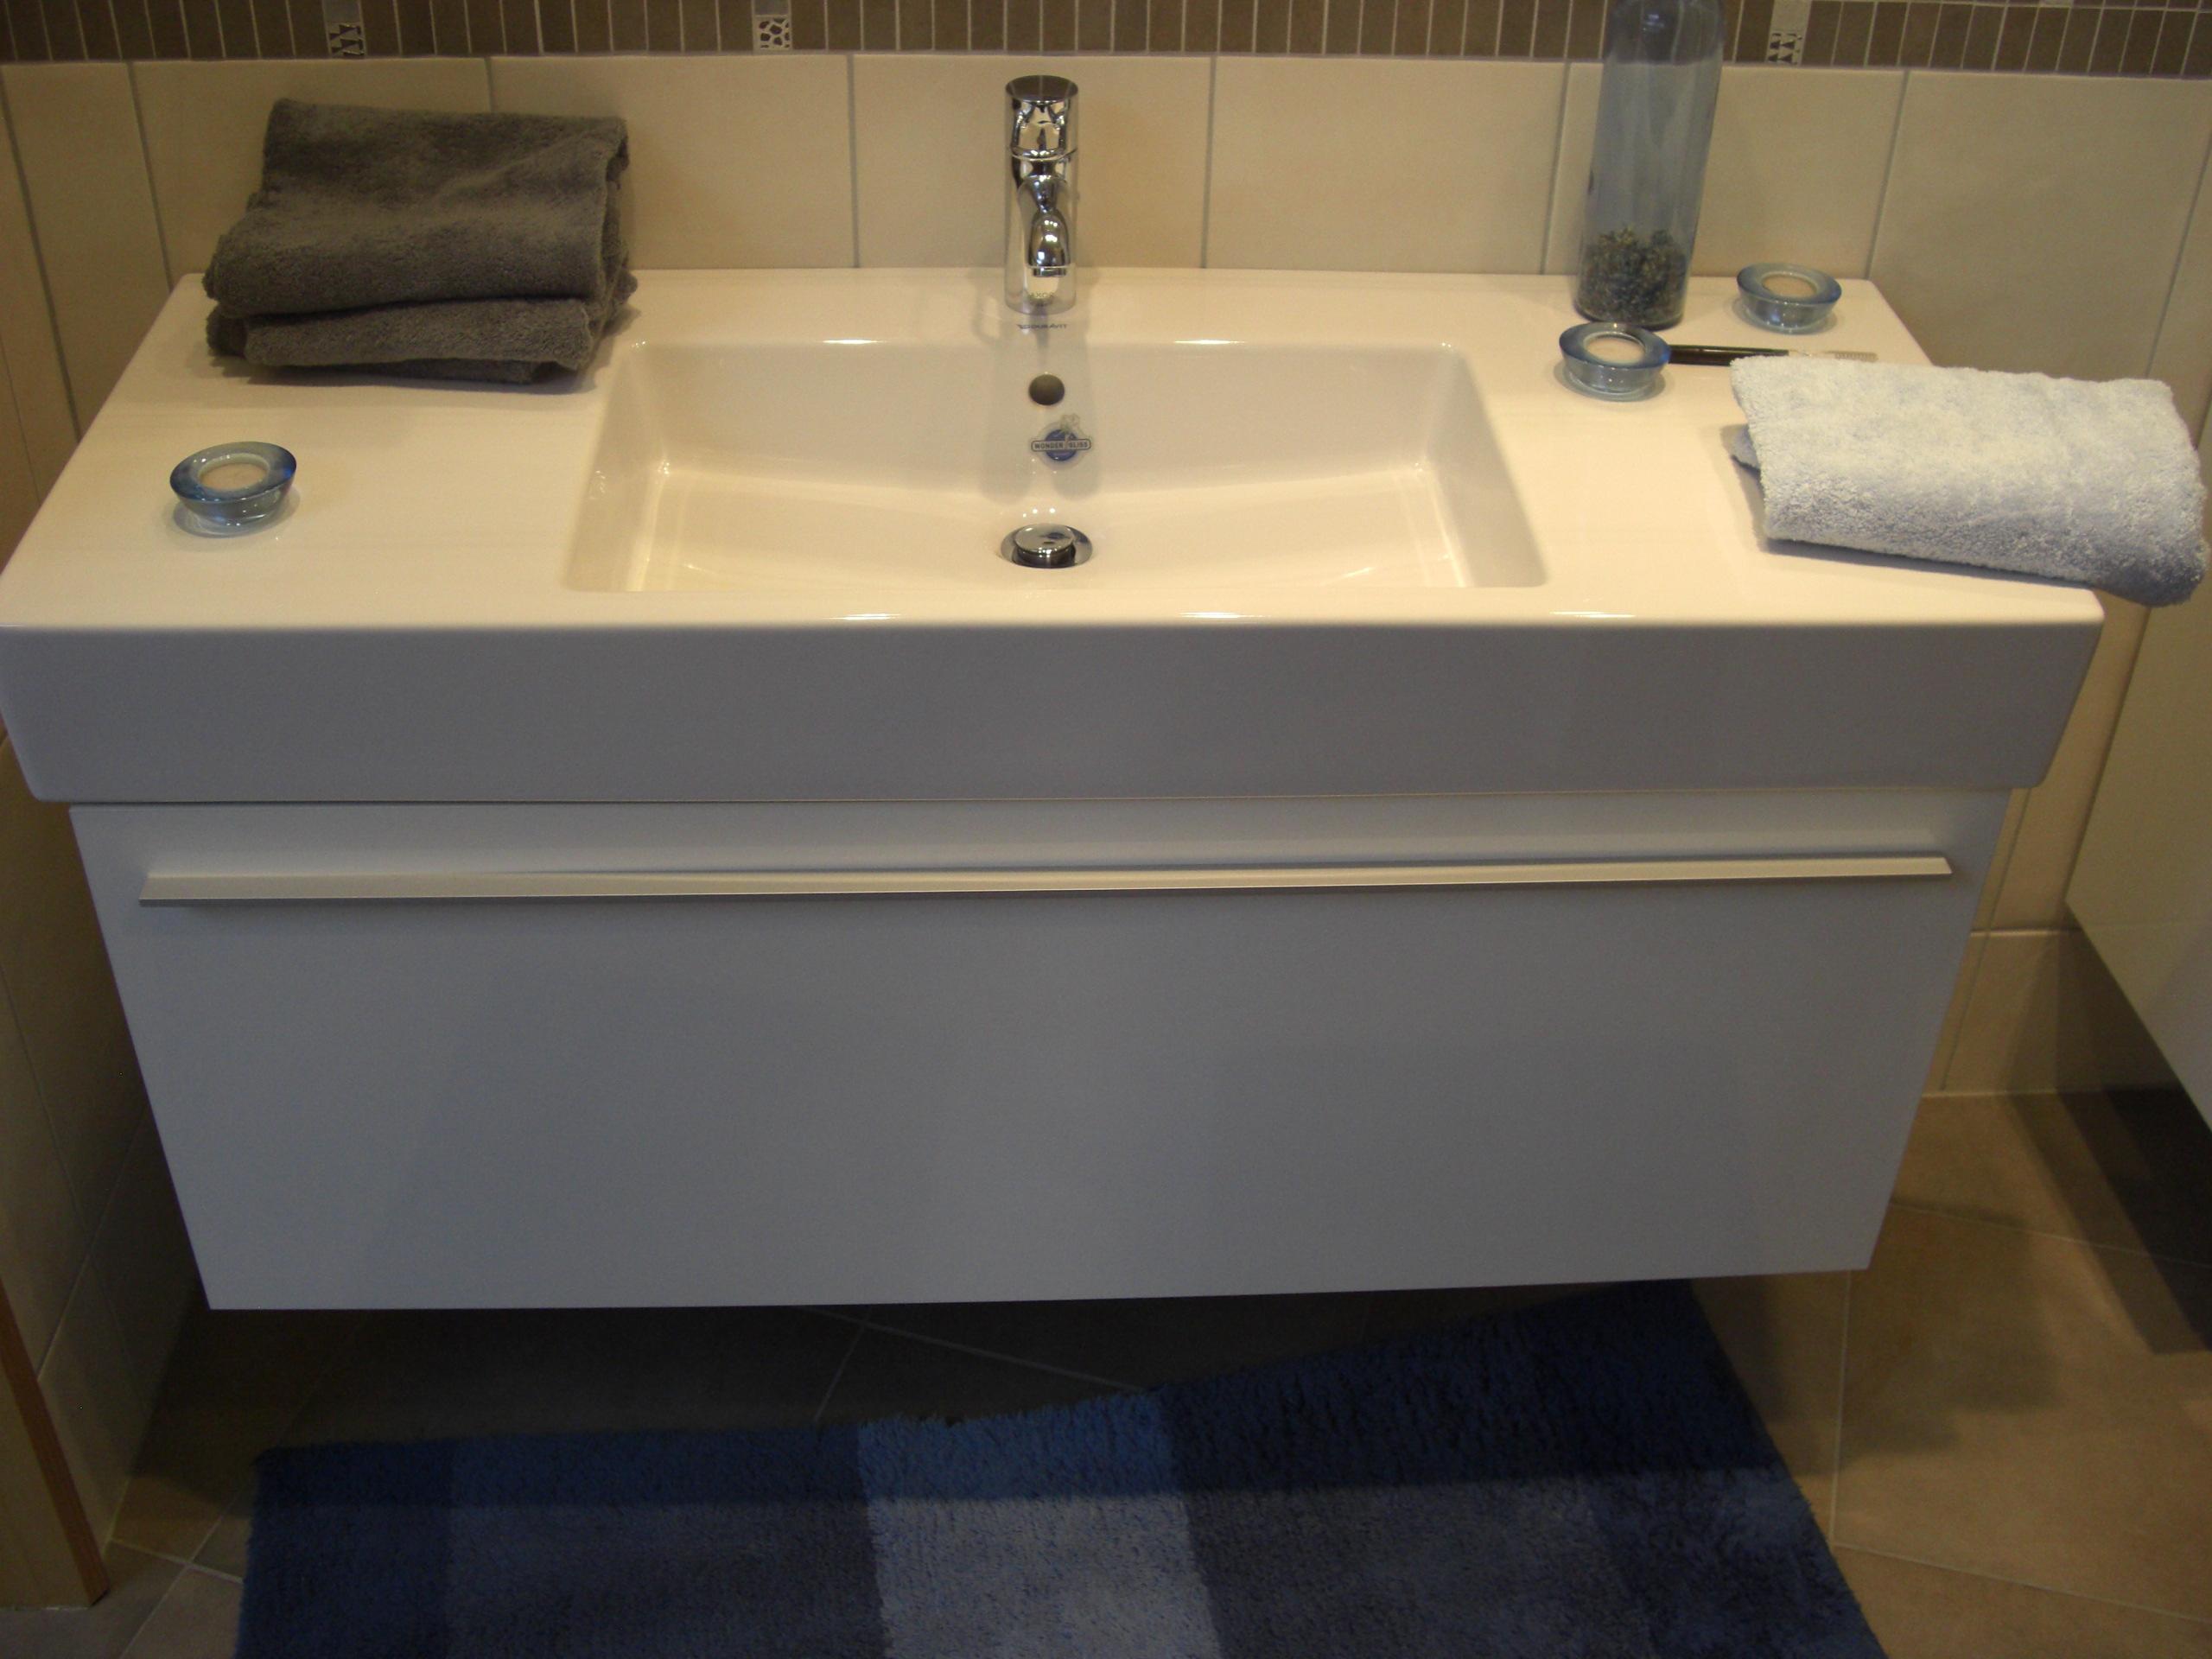 waschbecken duravit vero 85cm 1 hahnloch m belwaschtisch 03298500001 mit wondergliss bernd. Black Bedroom Furniture Sets. Home Design Ideas